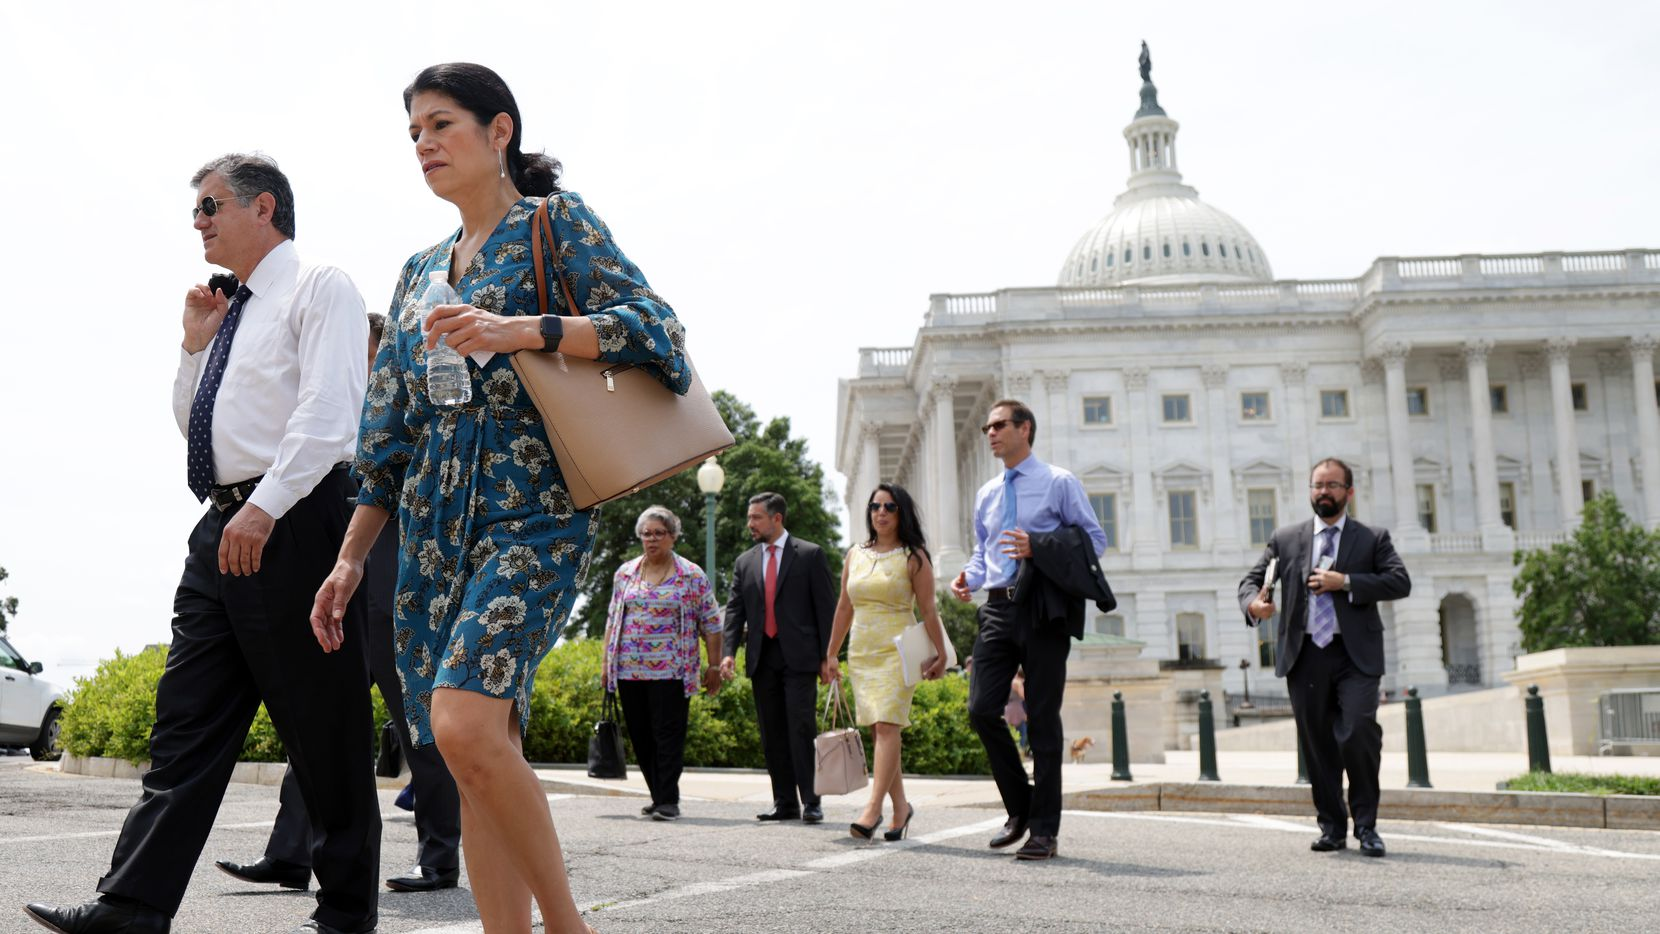 Legisladores demócratas de Texas salen del edificio del capitolio luego de una reunión el 15 de julio con el senador Joe Manchin de West Virginia, en Washington, D.C.